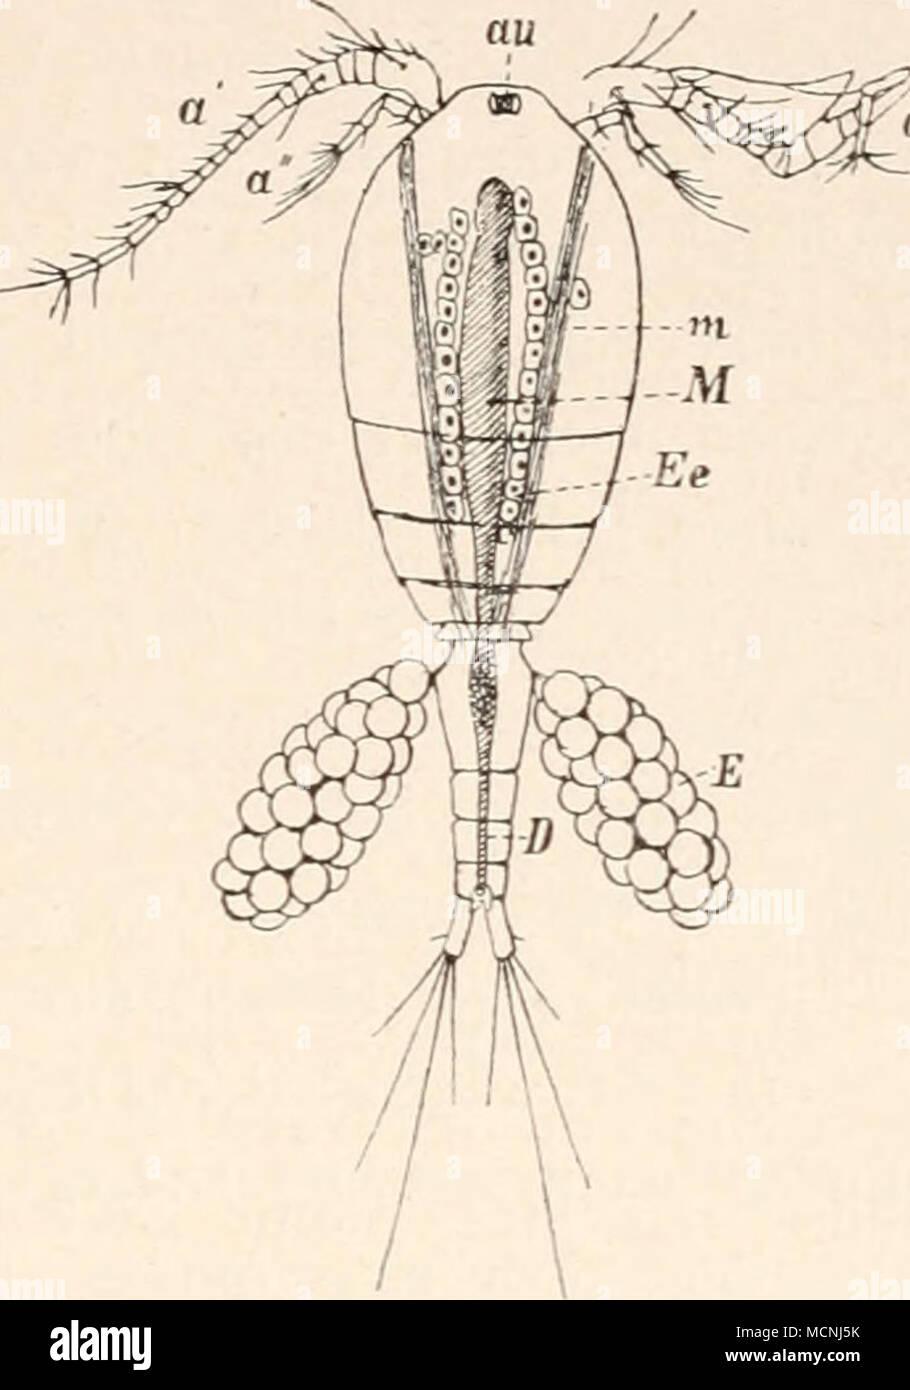 Ausgezeichnet Teile Der Eileiter Anatomie Galerie - Anatomie Ideen ...